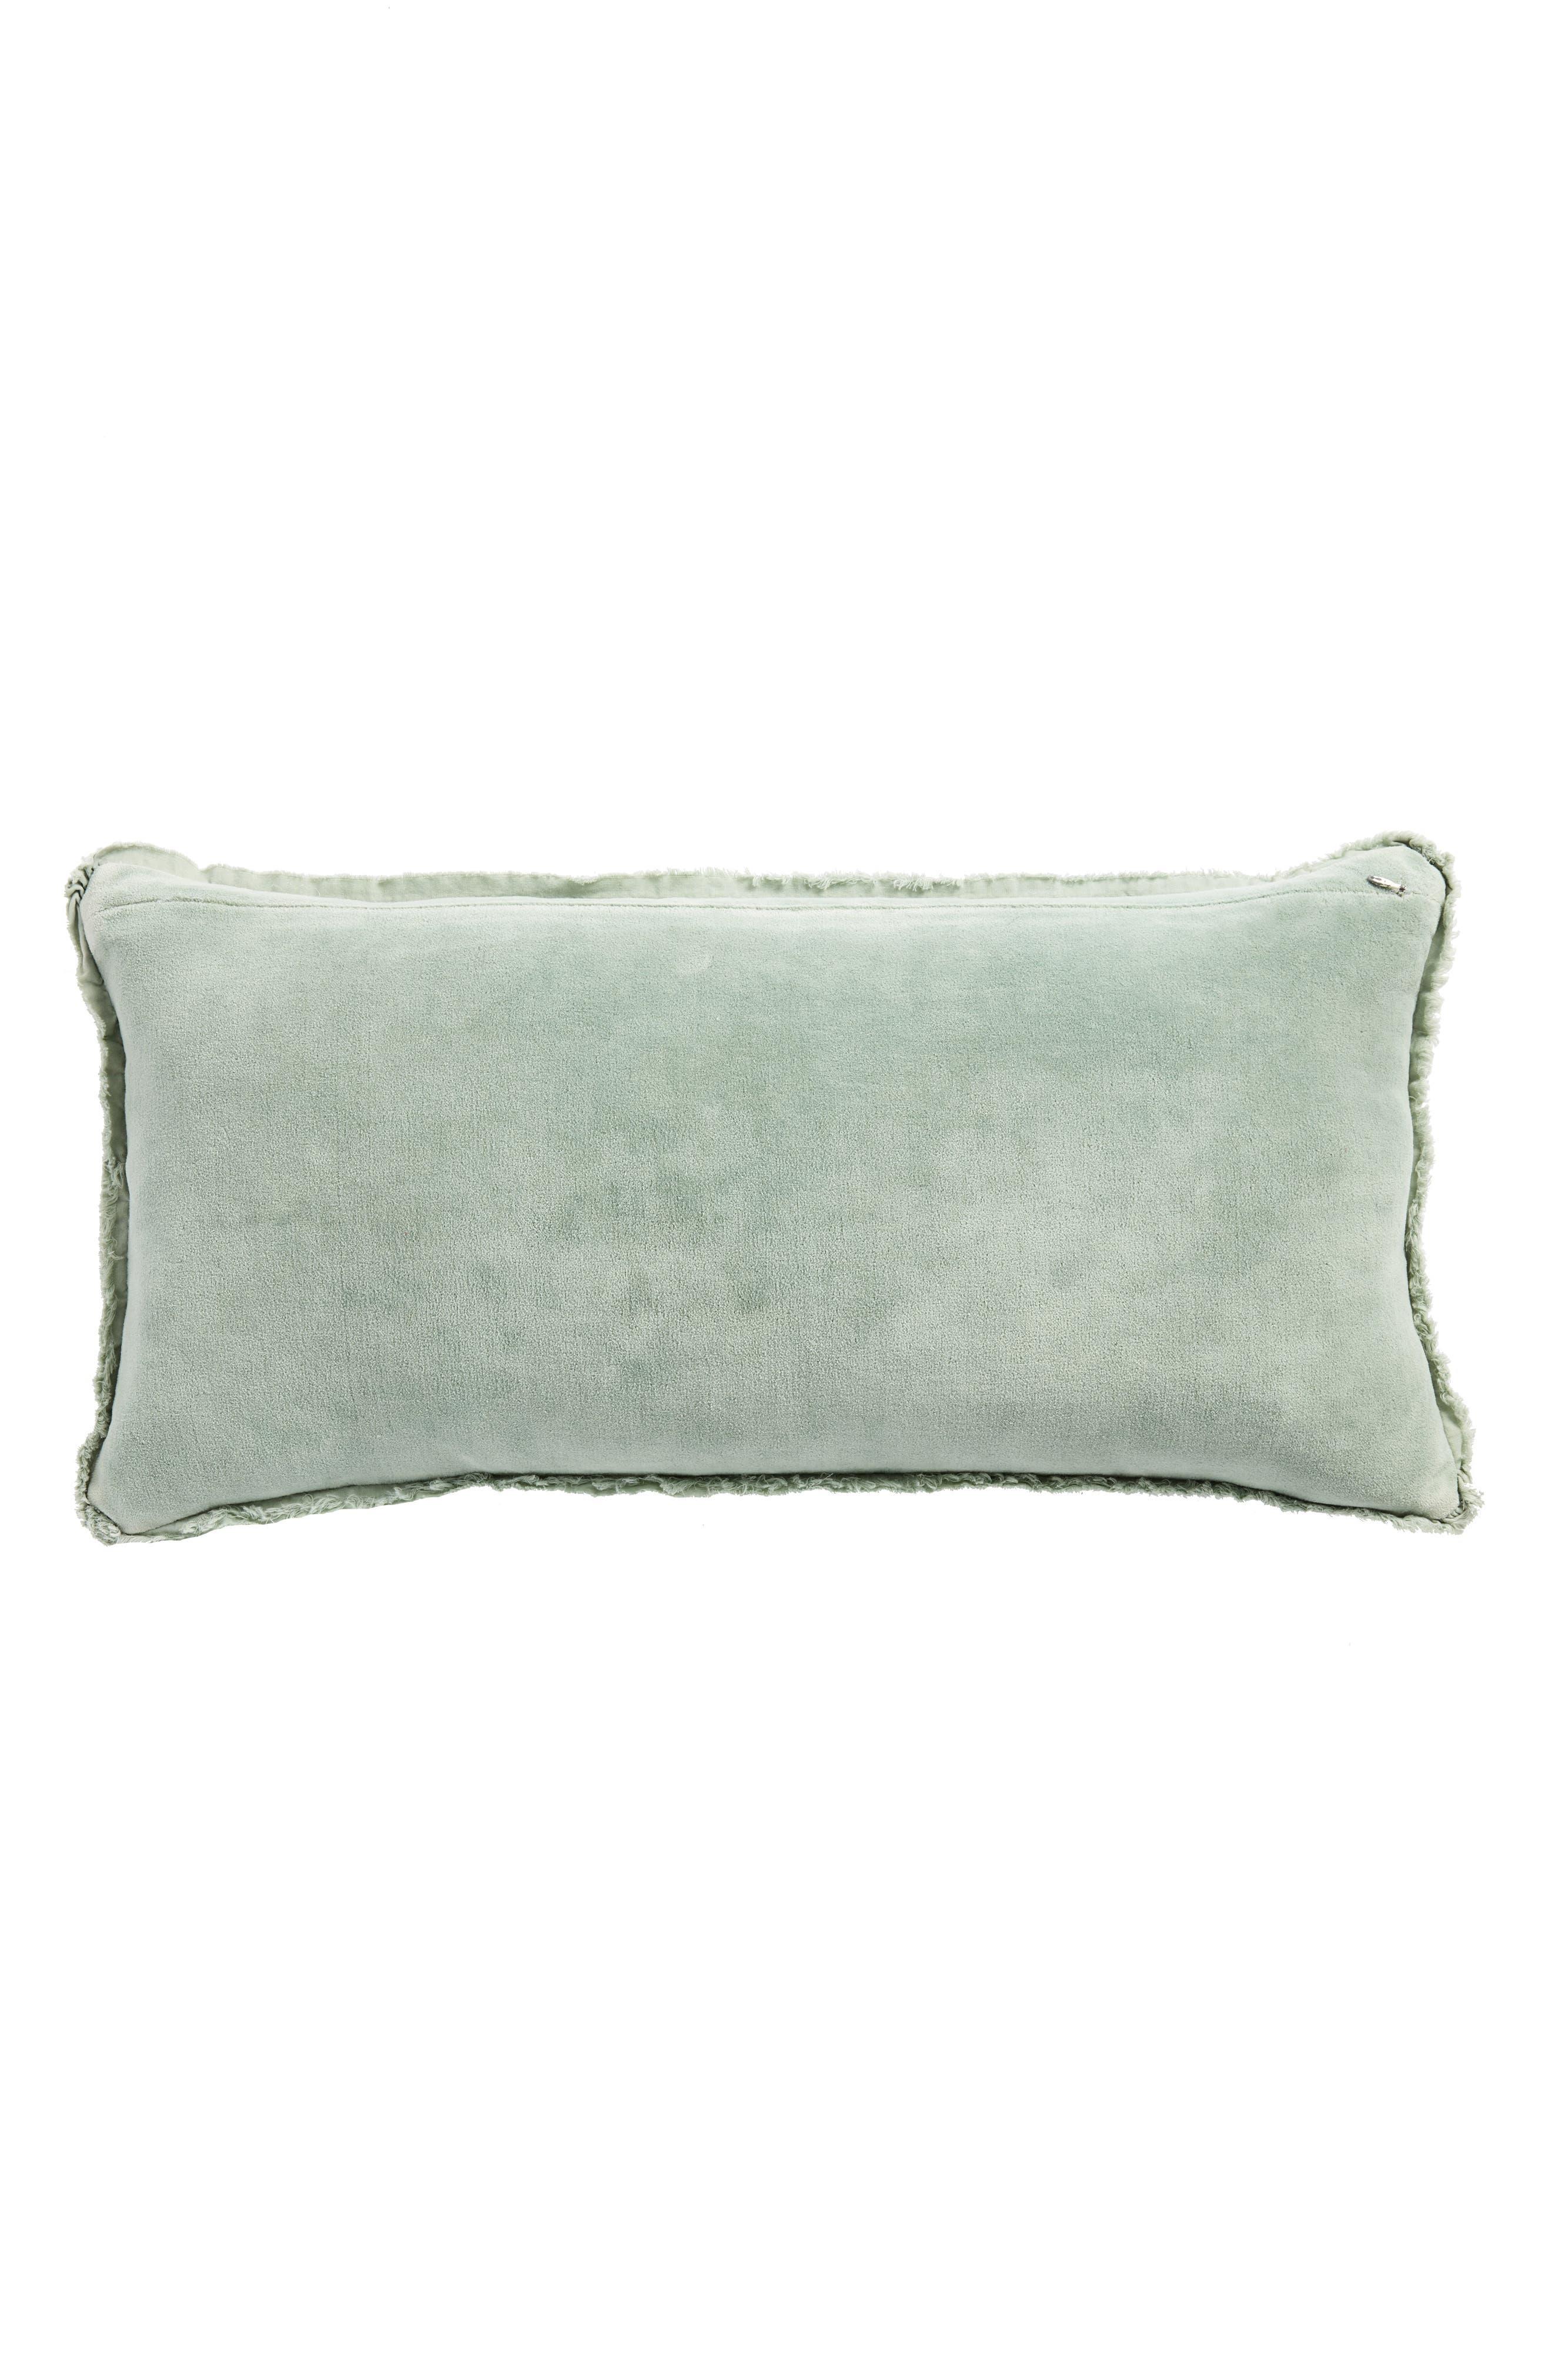 Velvet Accent Pillow,                             Alternate thumbnail 4, color,                             Green Slate